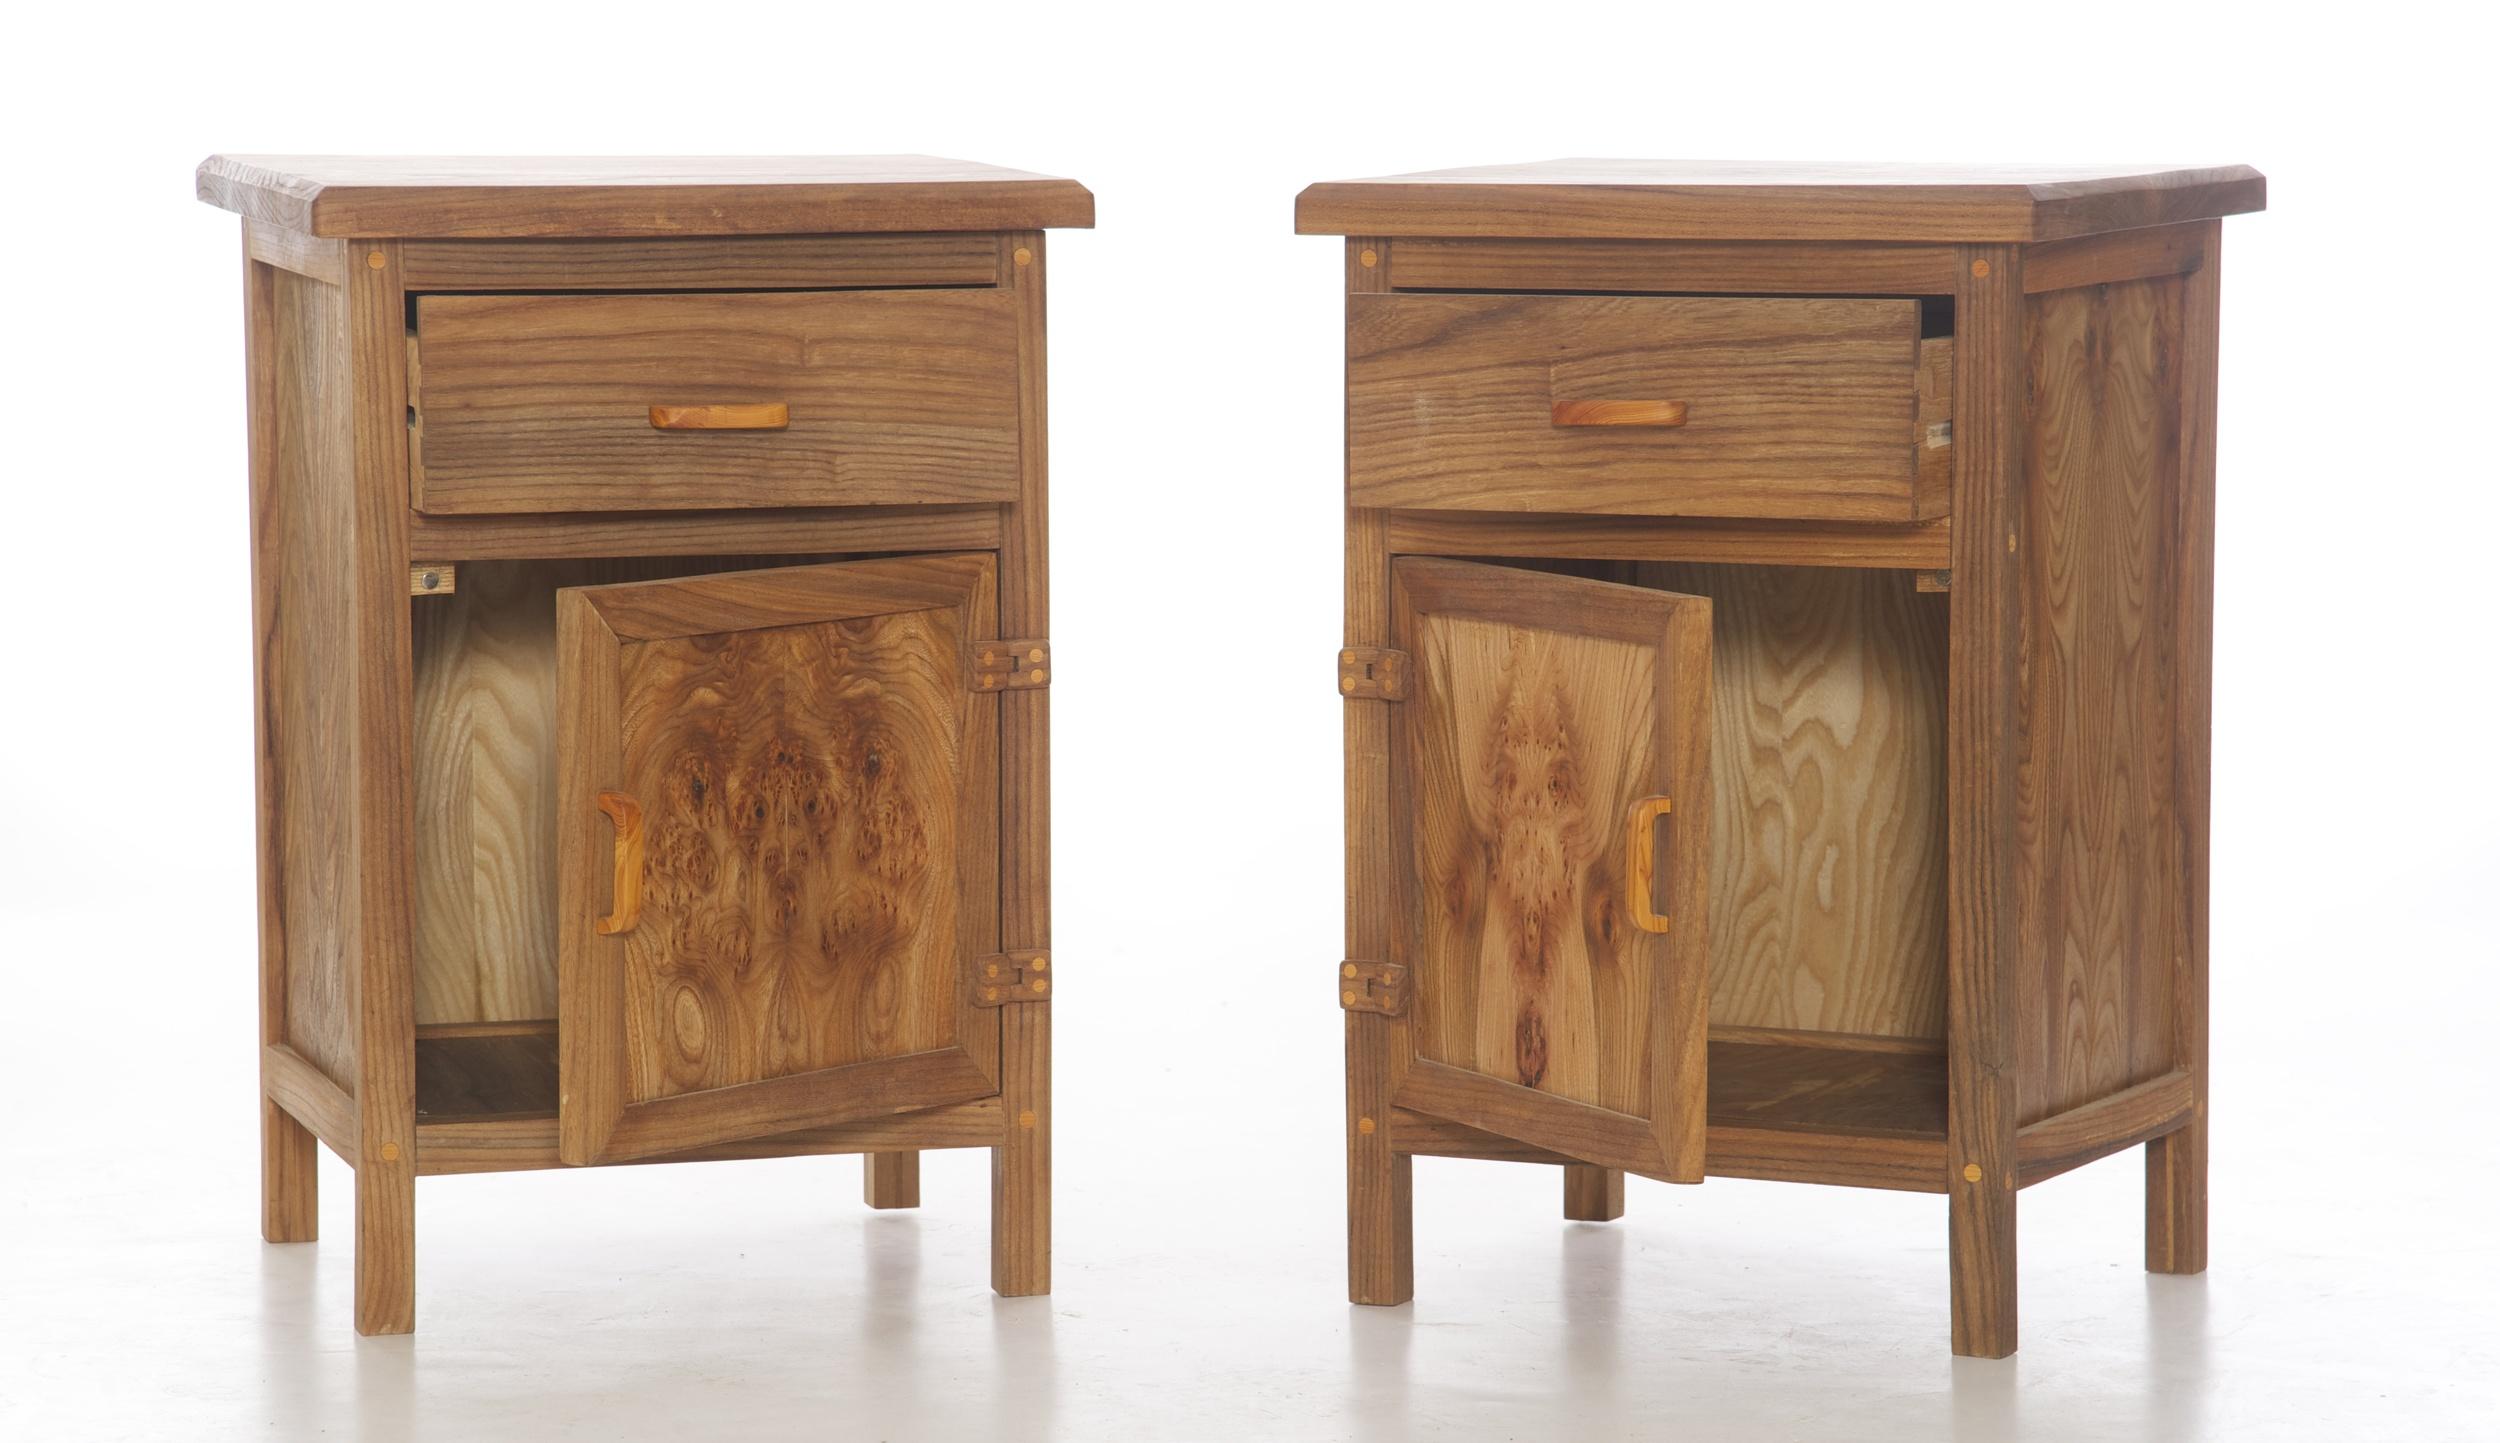 Elm bedside cabinets